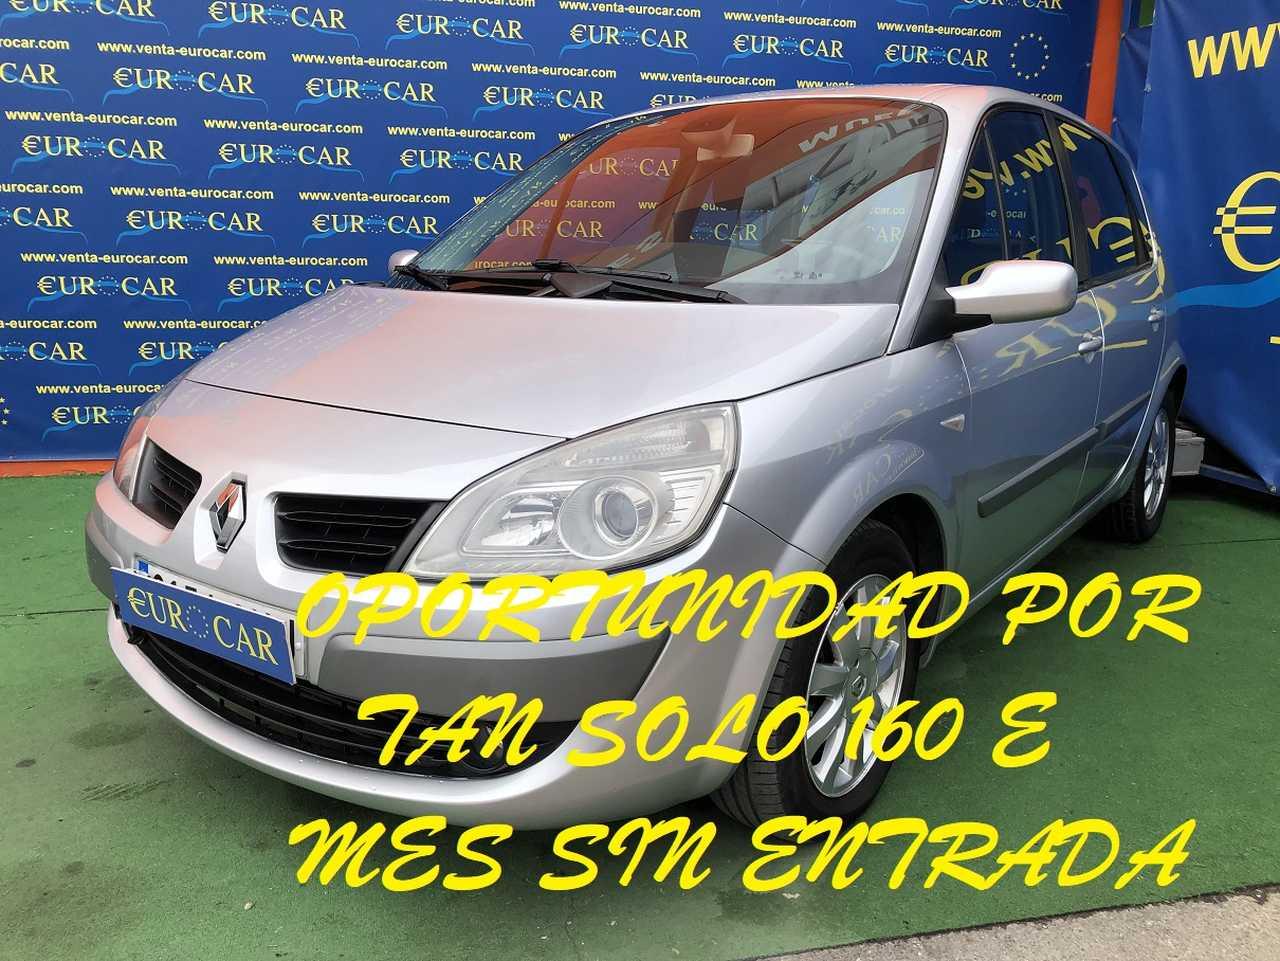 Renault Scénic 1.9 DCI AUT   - Foto 1